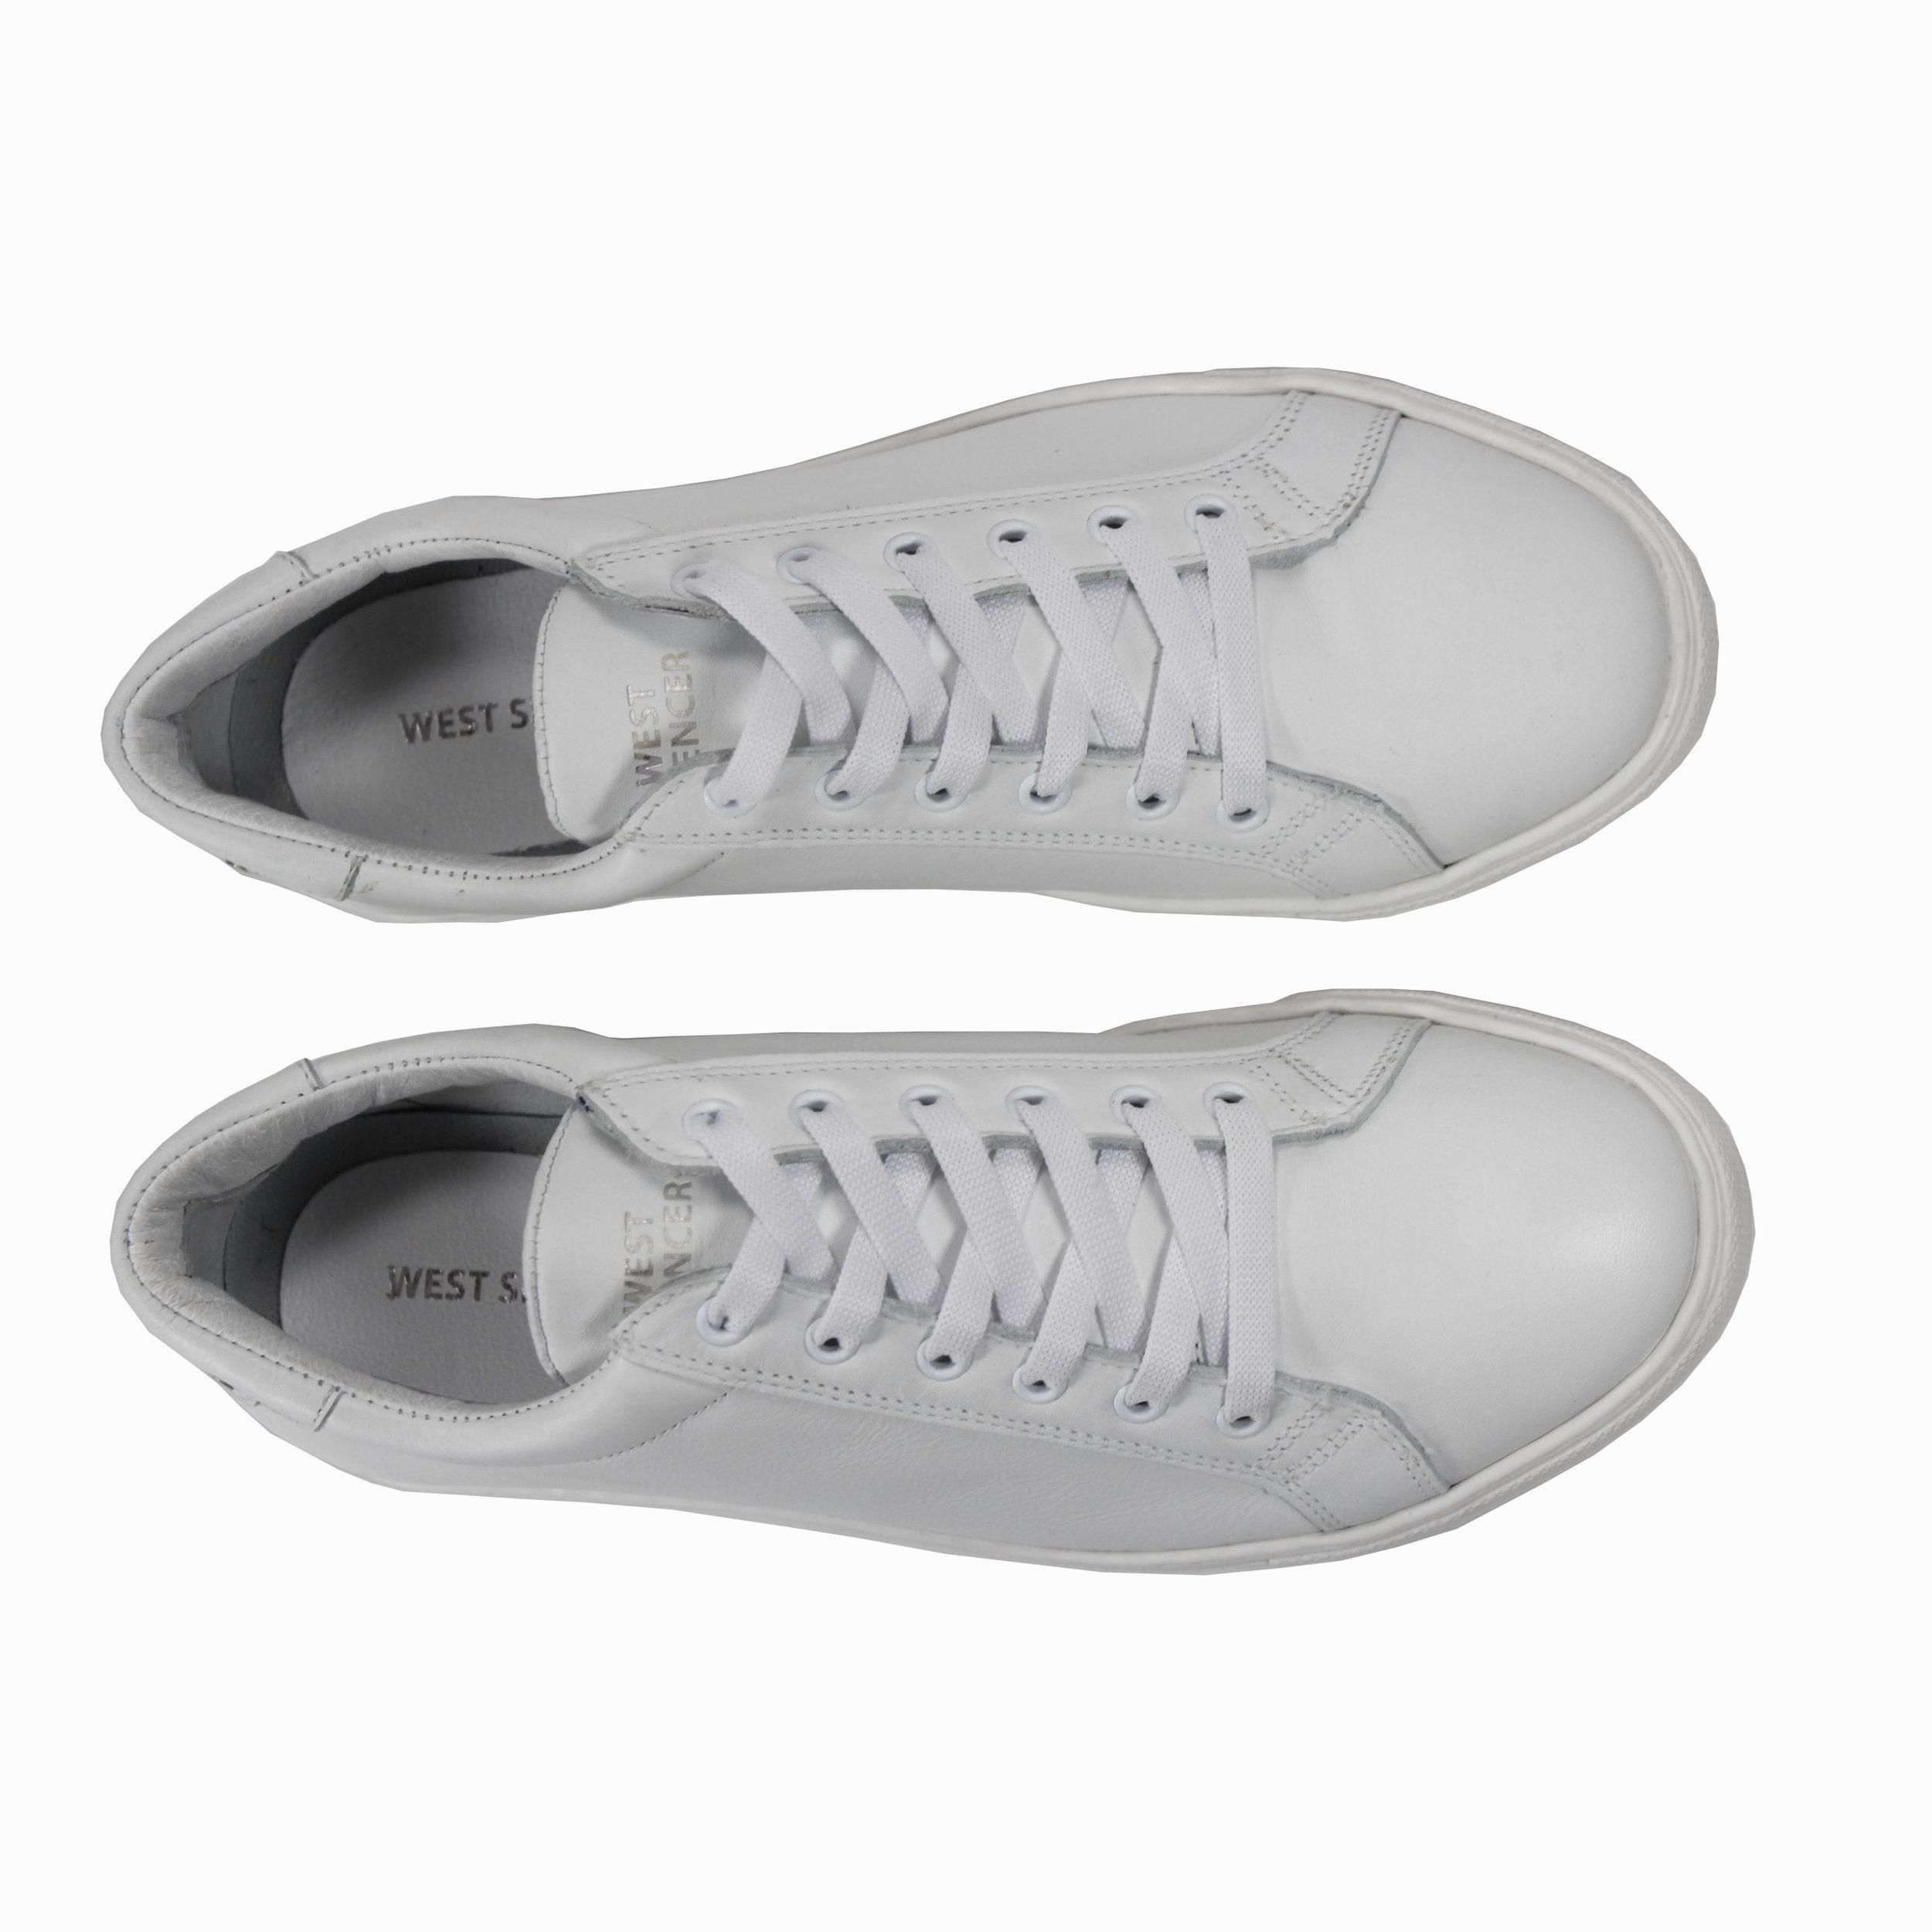 final shoe two top.jpg